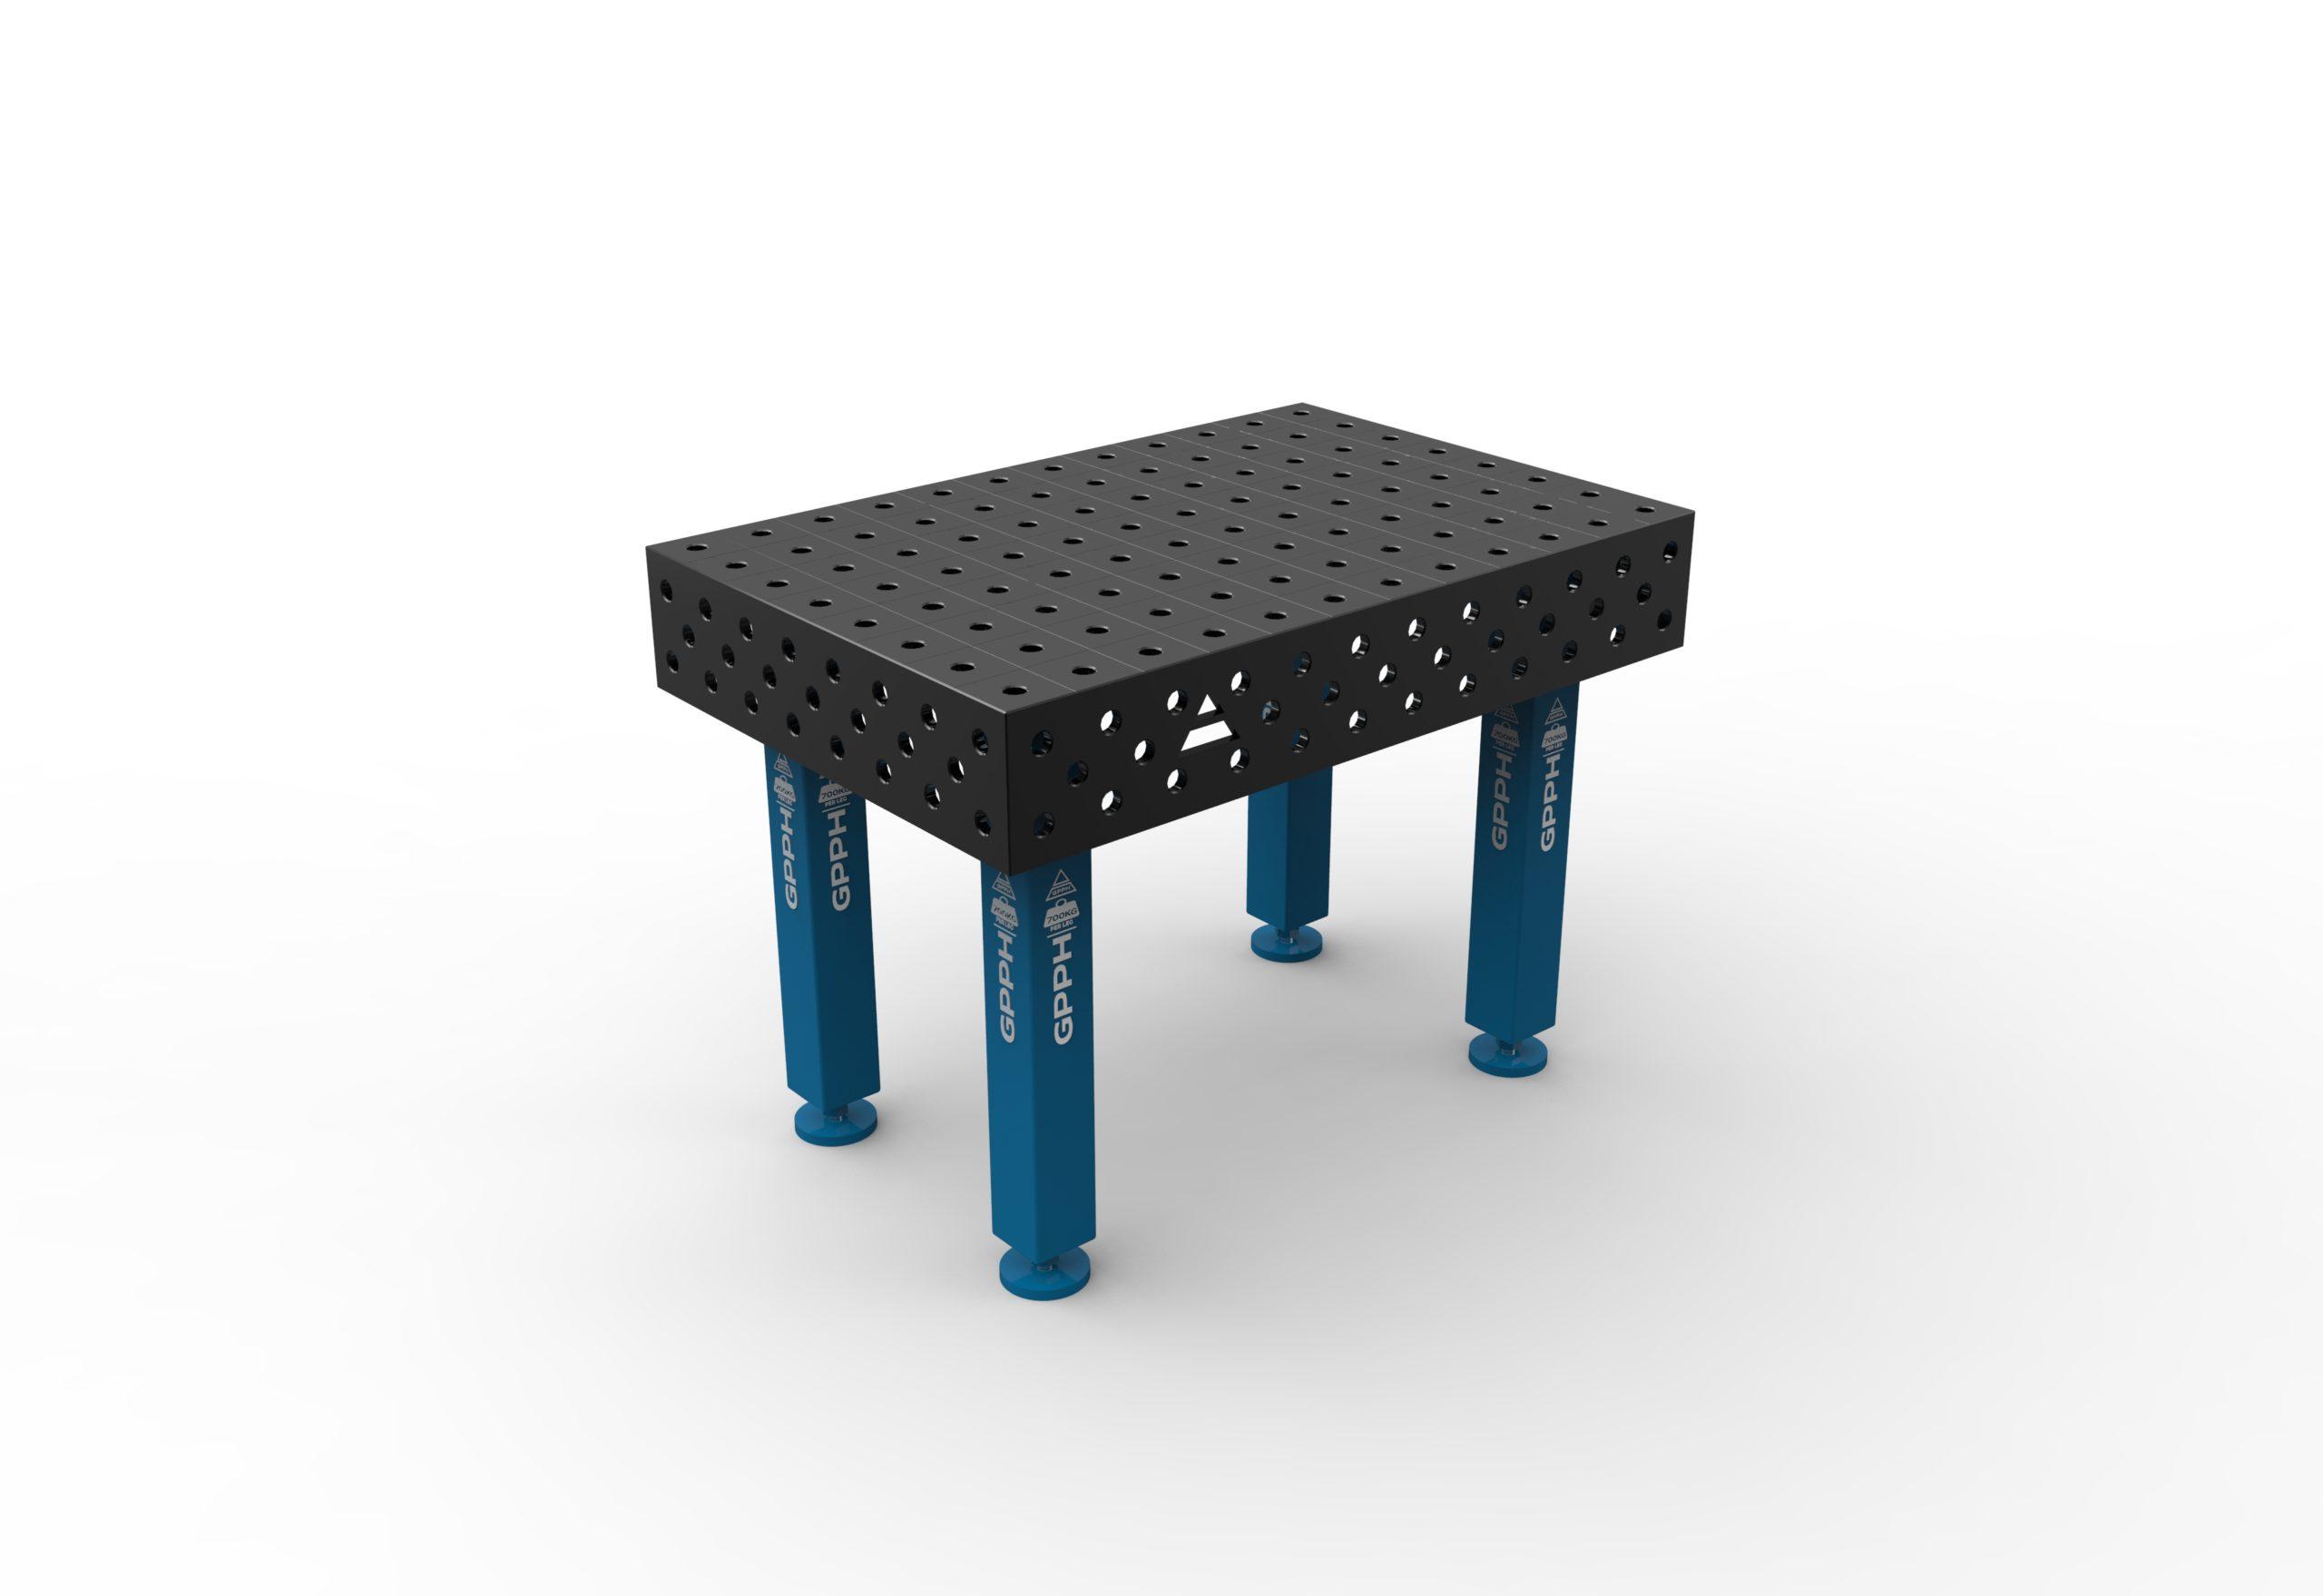 Table de soudage 1200 x 800 mm de GPPH